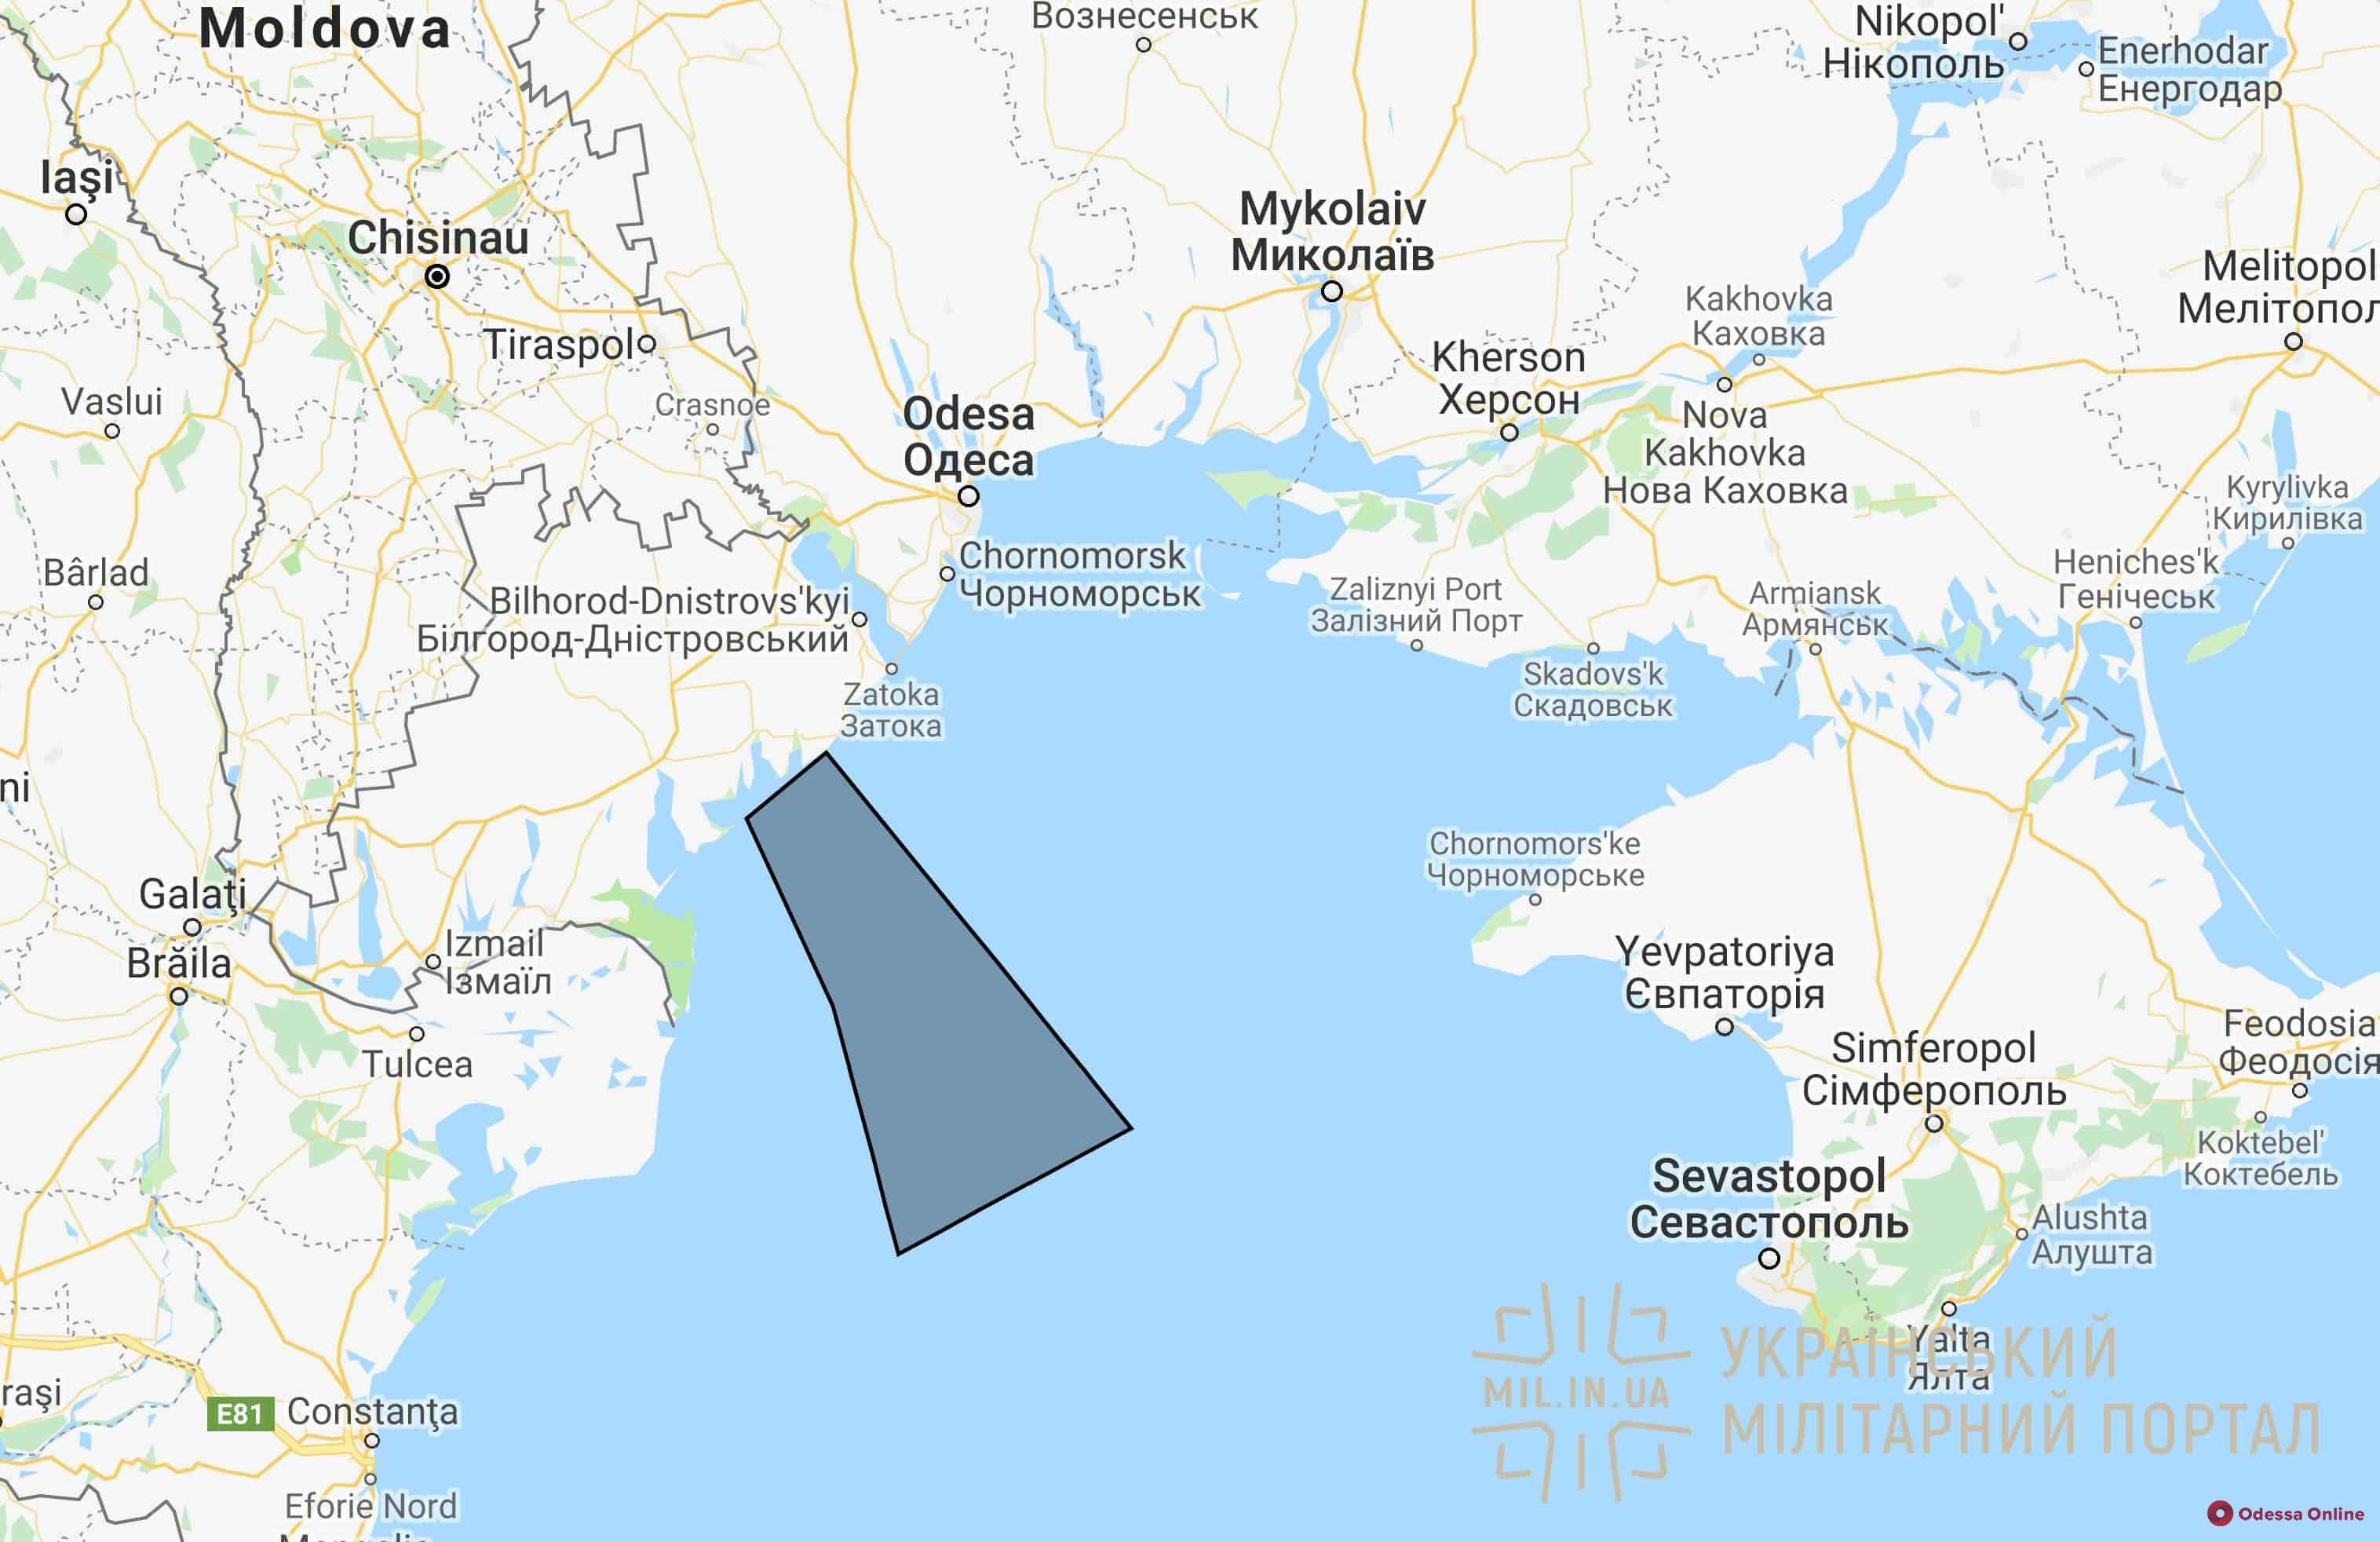 Вблизи курорта в Одесской области пройдут ракетные испытания